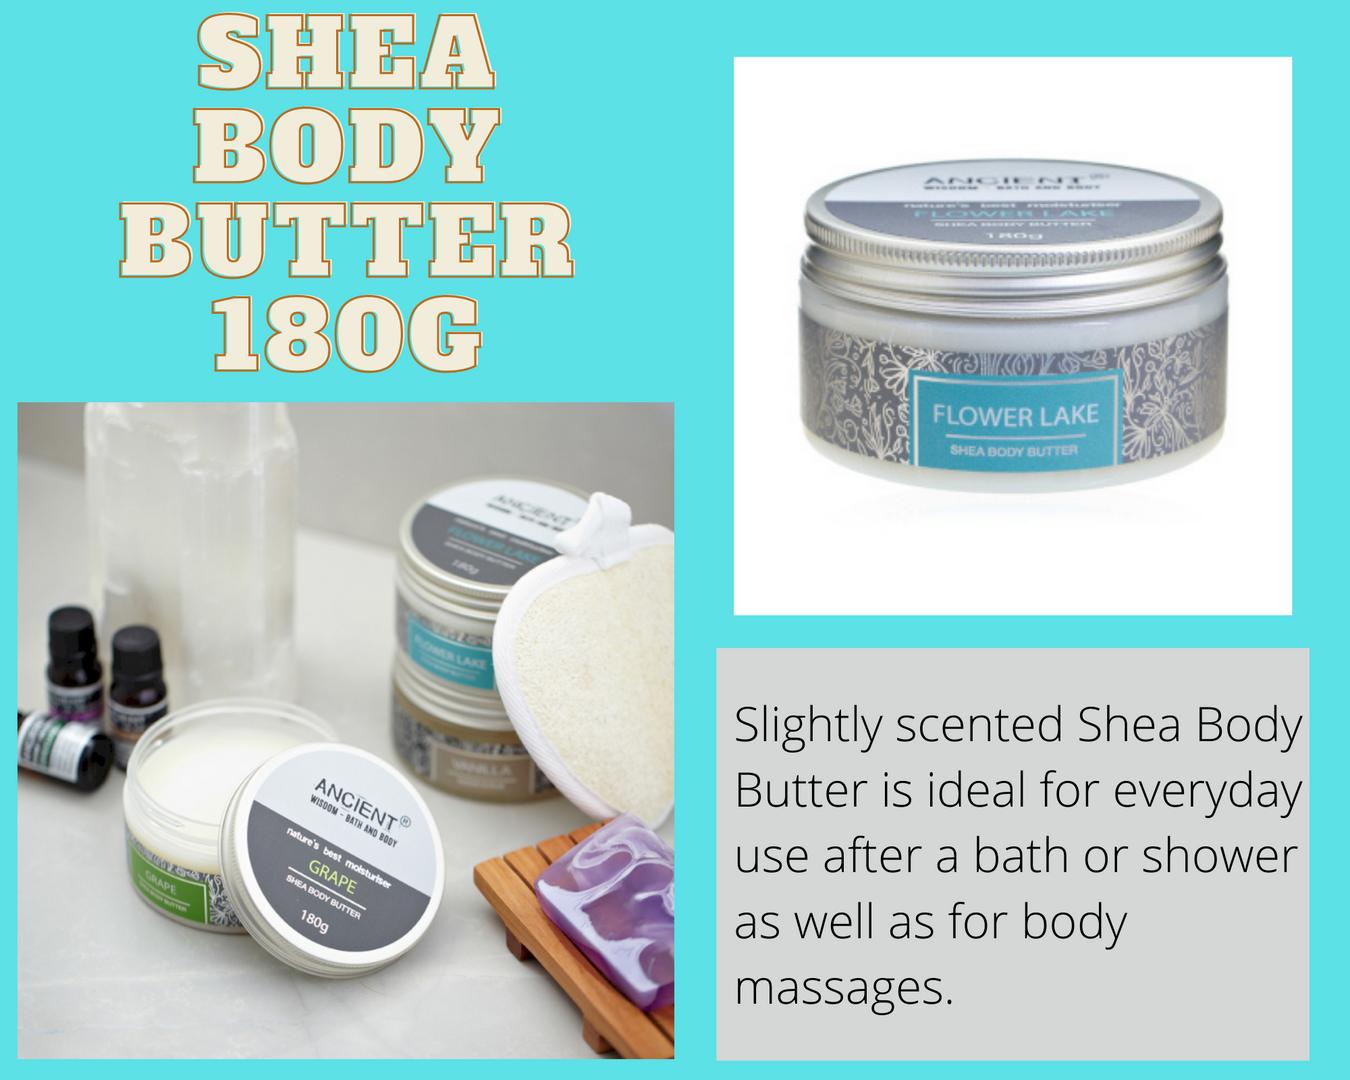 Shea body butters